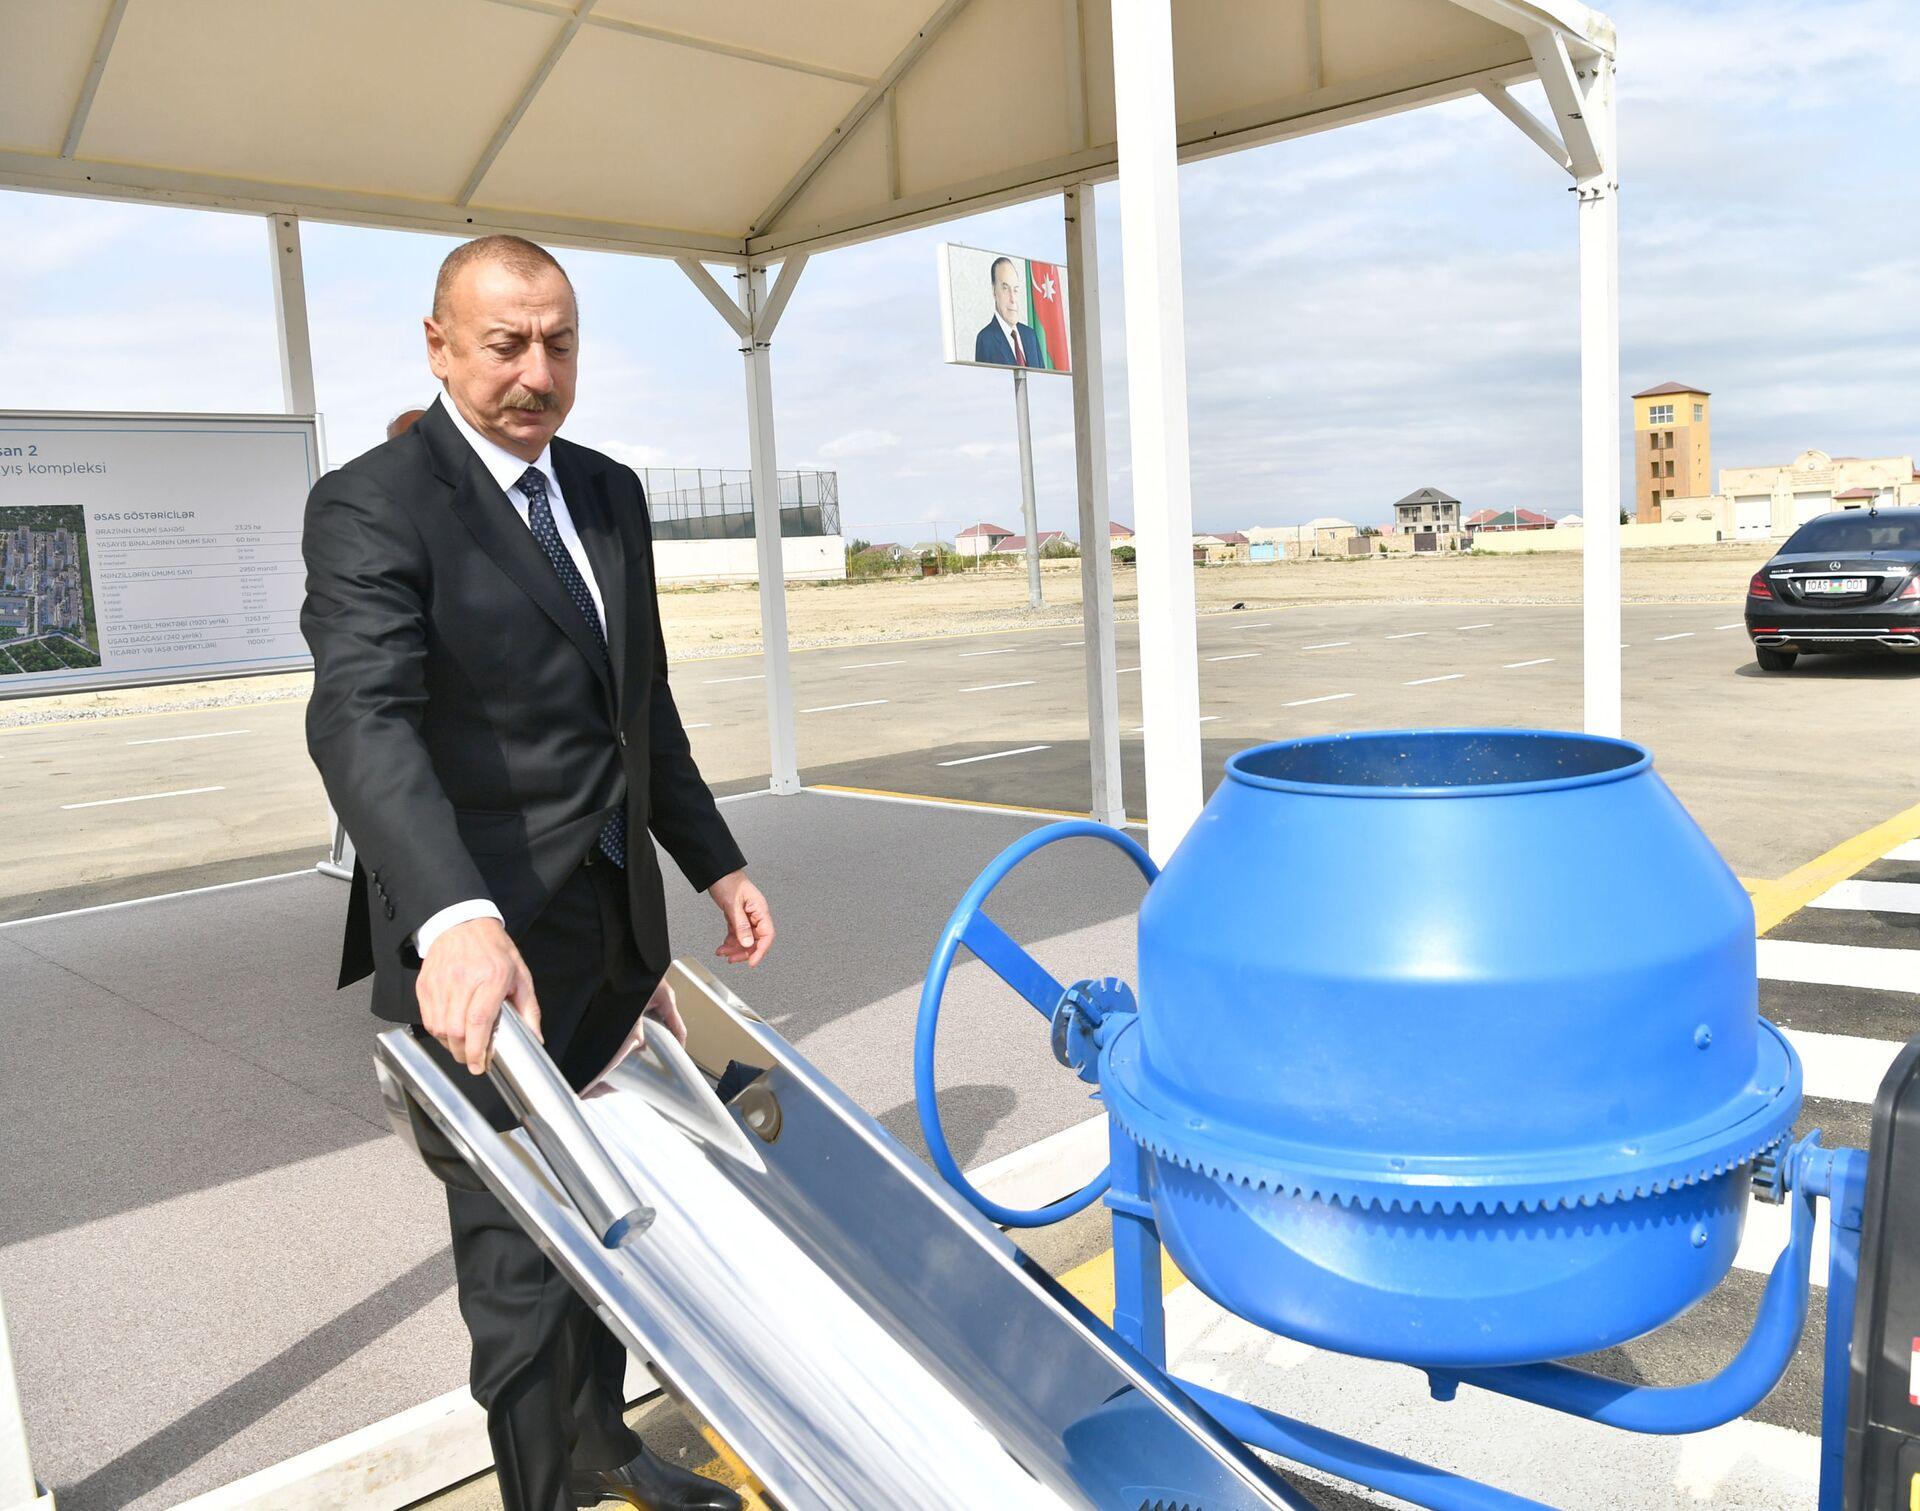 Президент Ильхам Алиев принял участие в закладке фундамента очередного жилого комплекса в рамках проекта льготного жилья в Сумгайыте - Sputnik Азербайджан, 1920, 01.10.2021